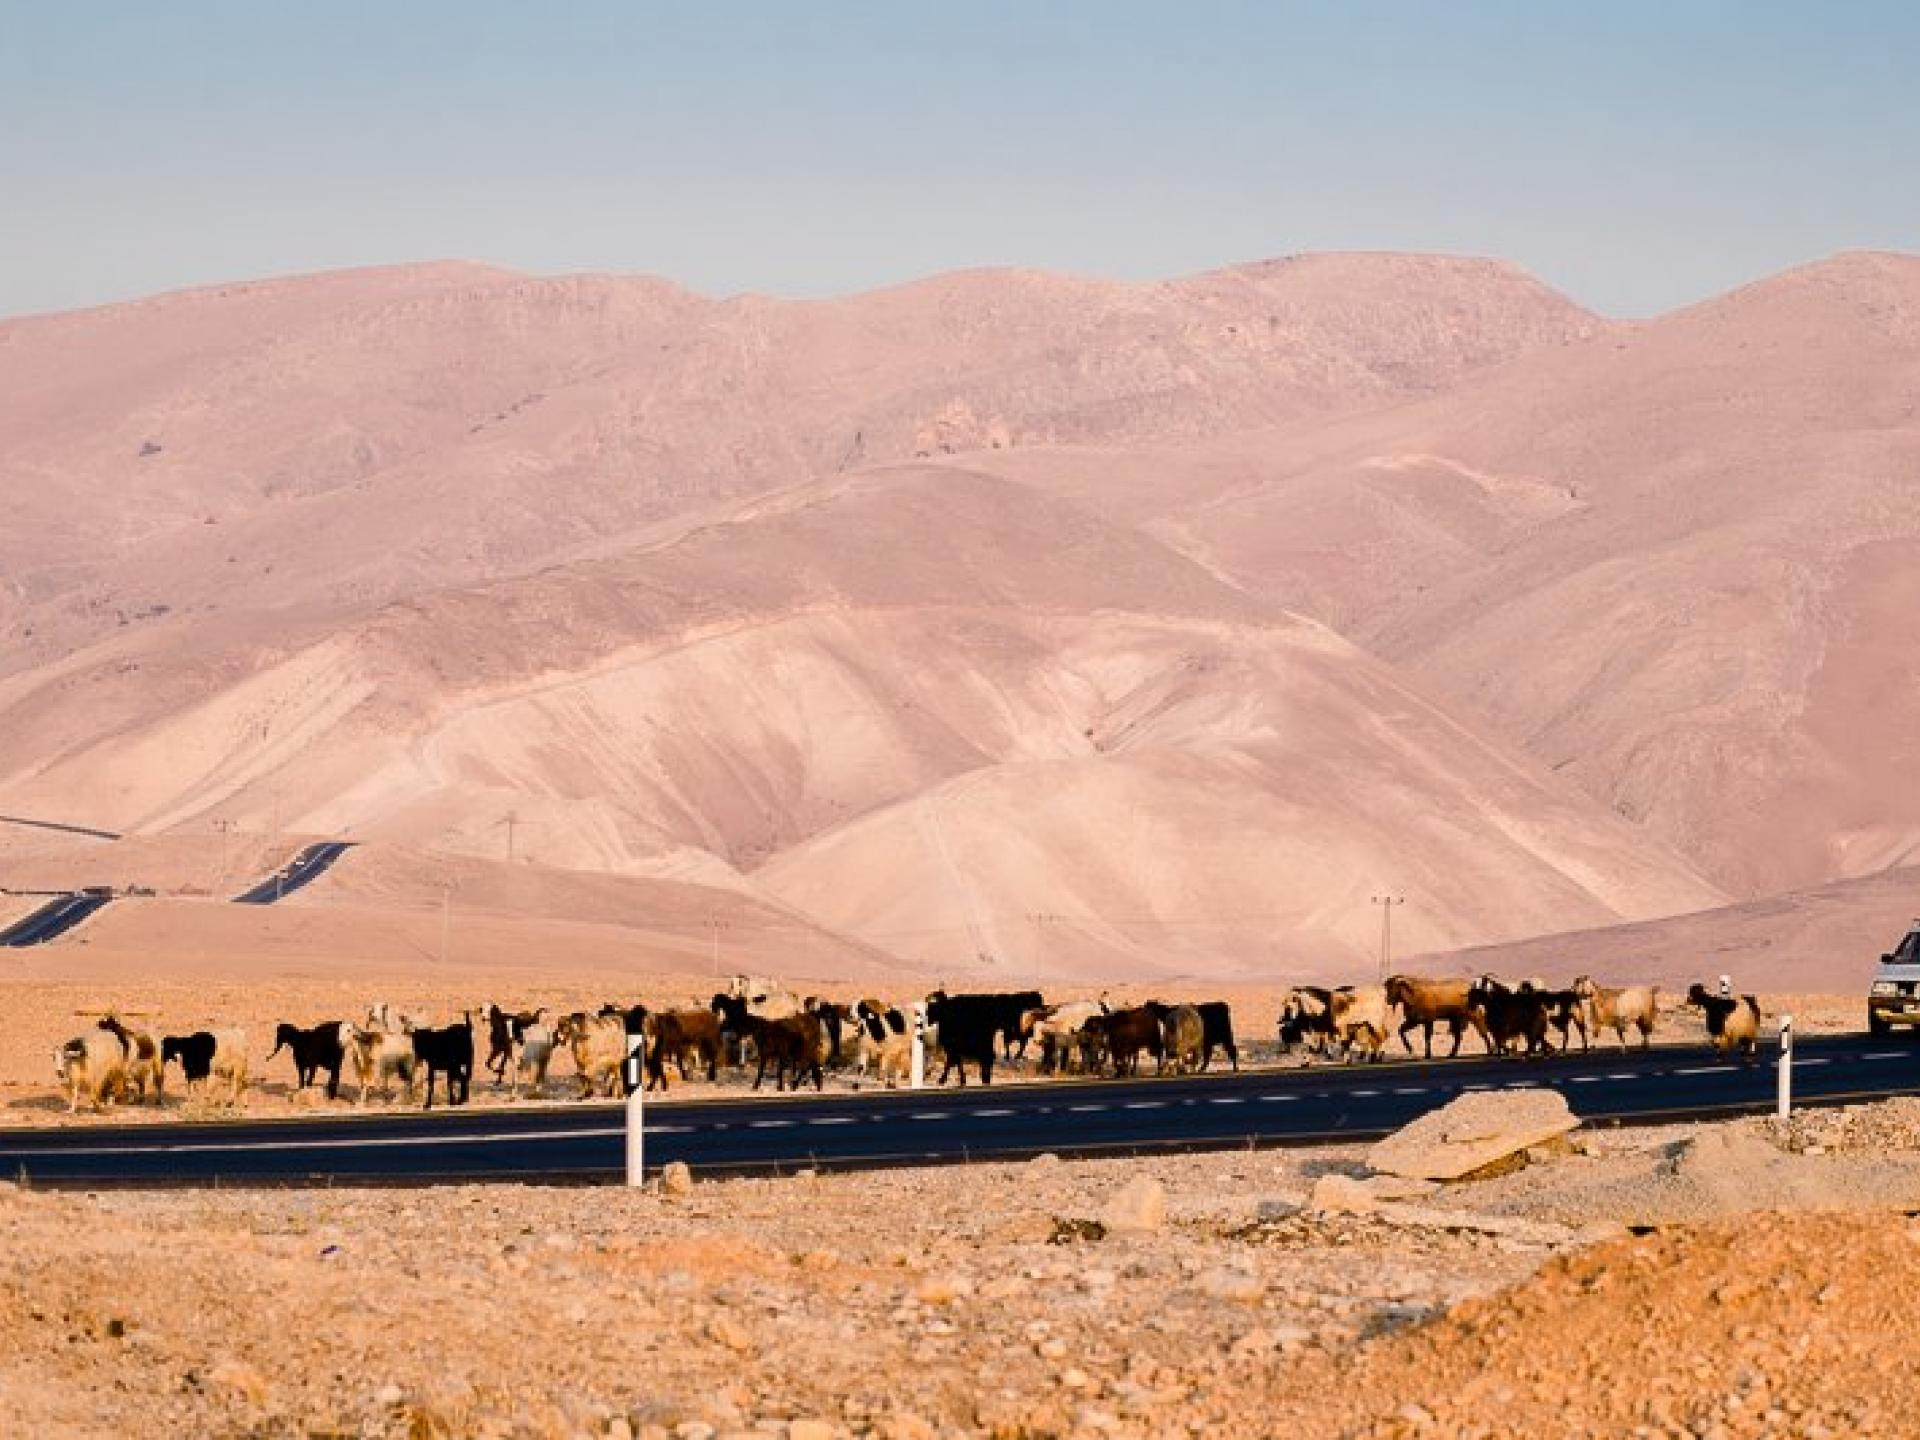 בקעת הירדן: עדר הפרות הפלסטיני שהורחק מהמרעה בשיתוף פעולה בין הצבא למתנחלים